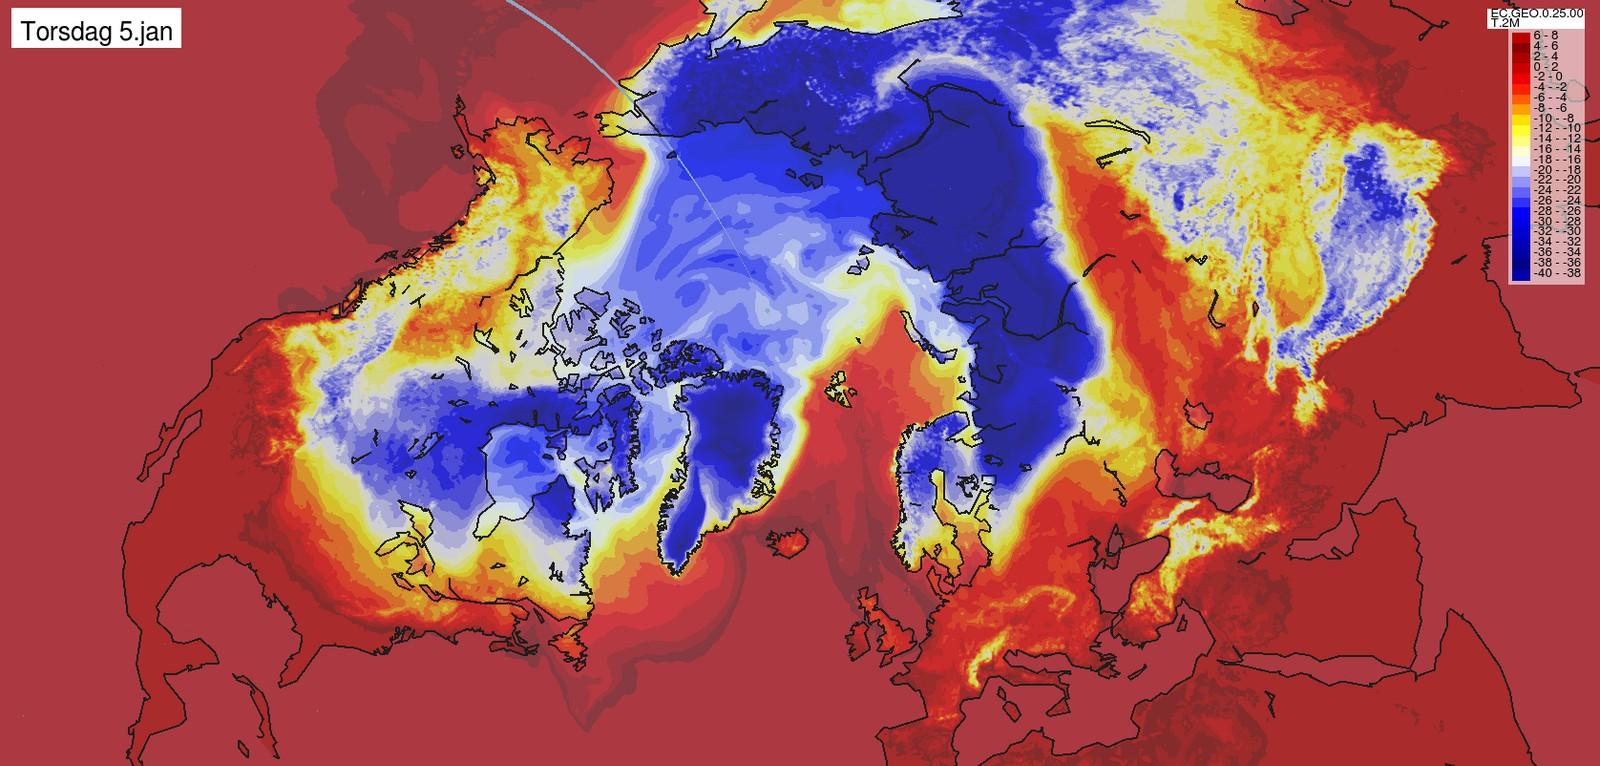 TORSDAG 5. JANUAR: Det er iskaldt i nesten hele Norge.